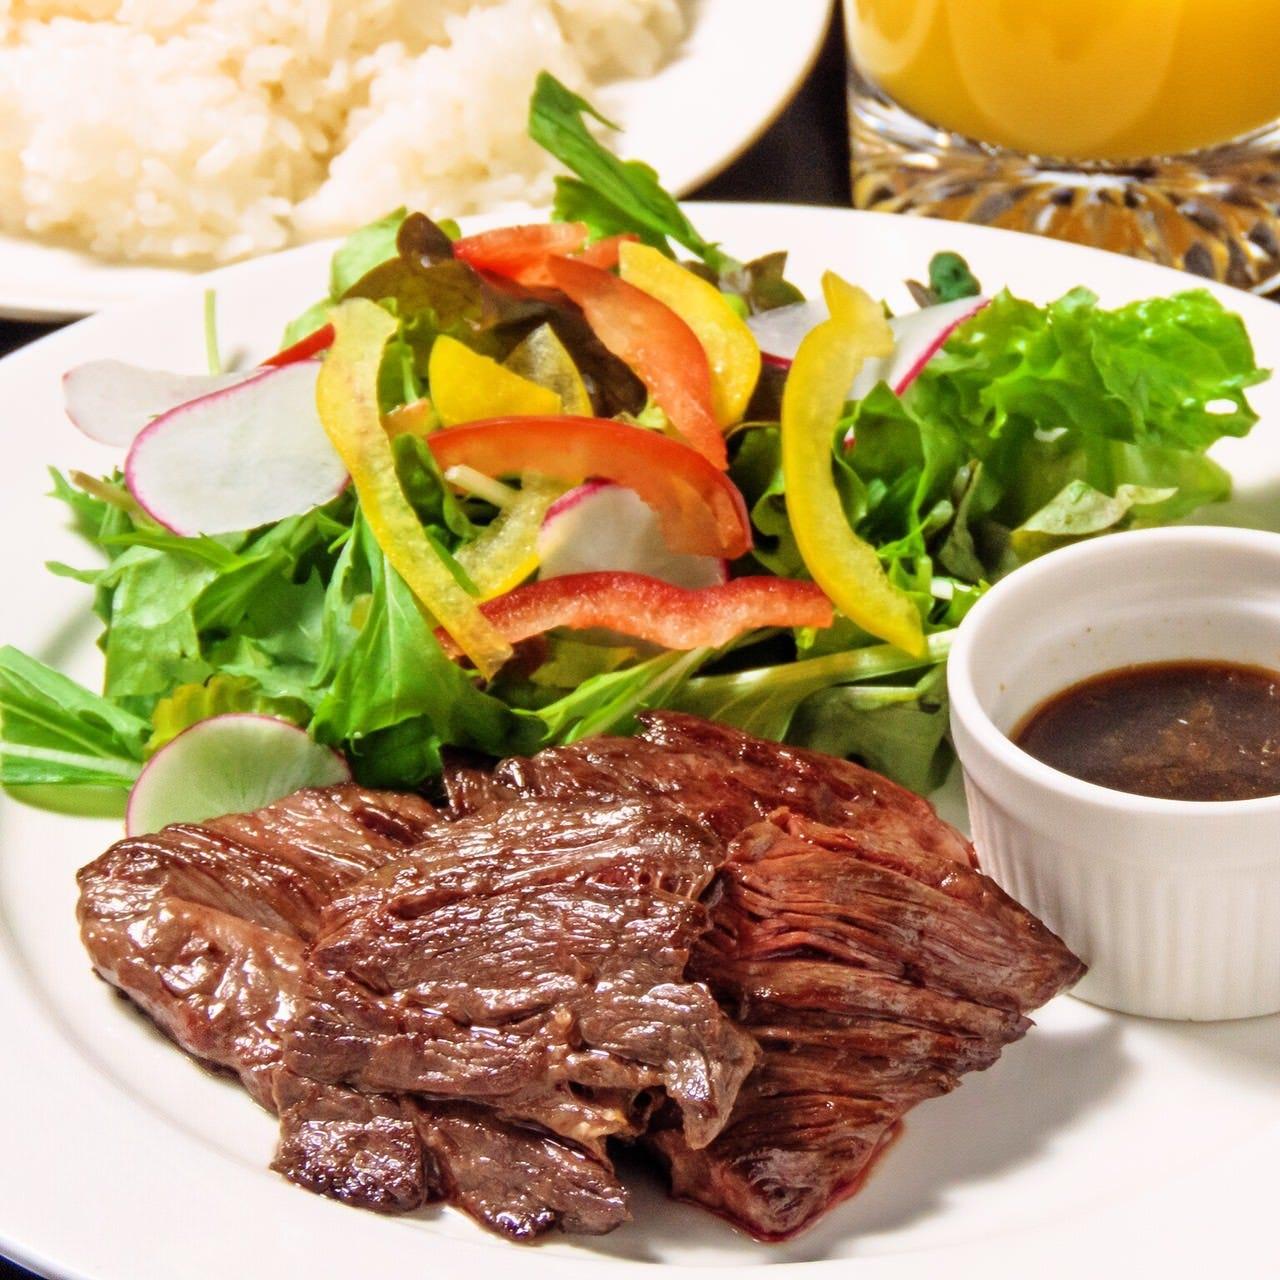 一番人気の牛はらみのステーキ。ヘルシーで女性にも大人気です!